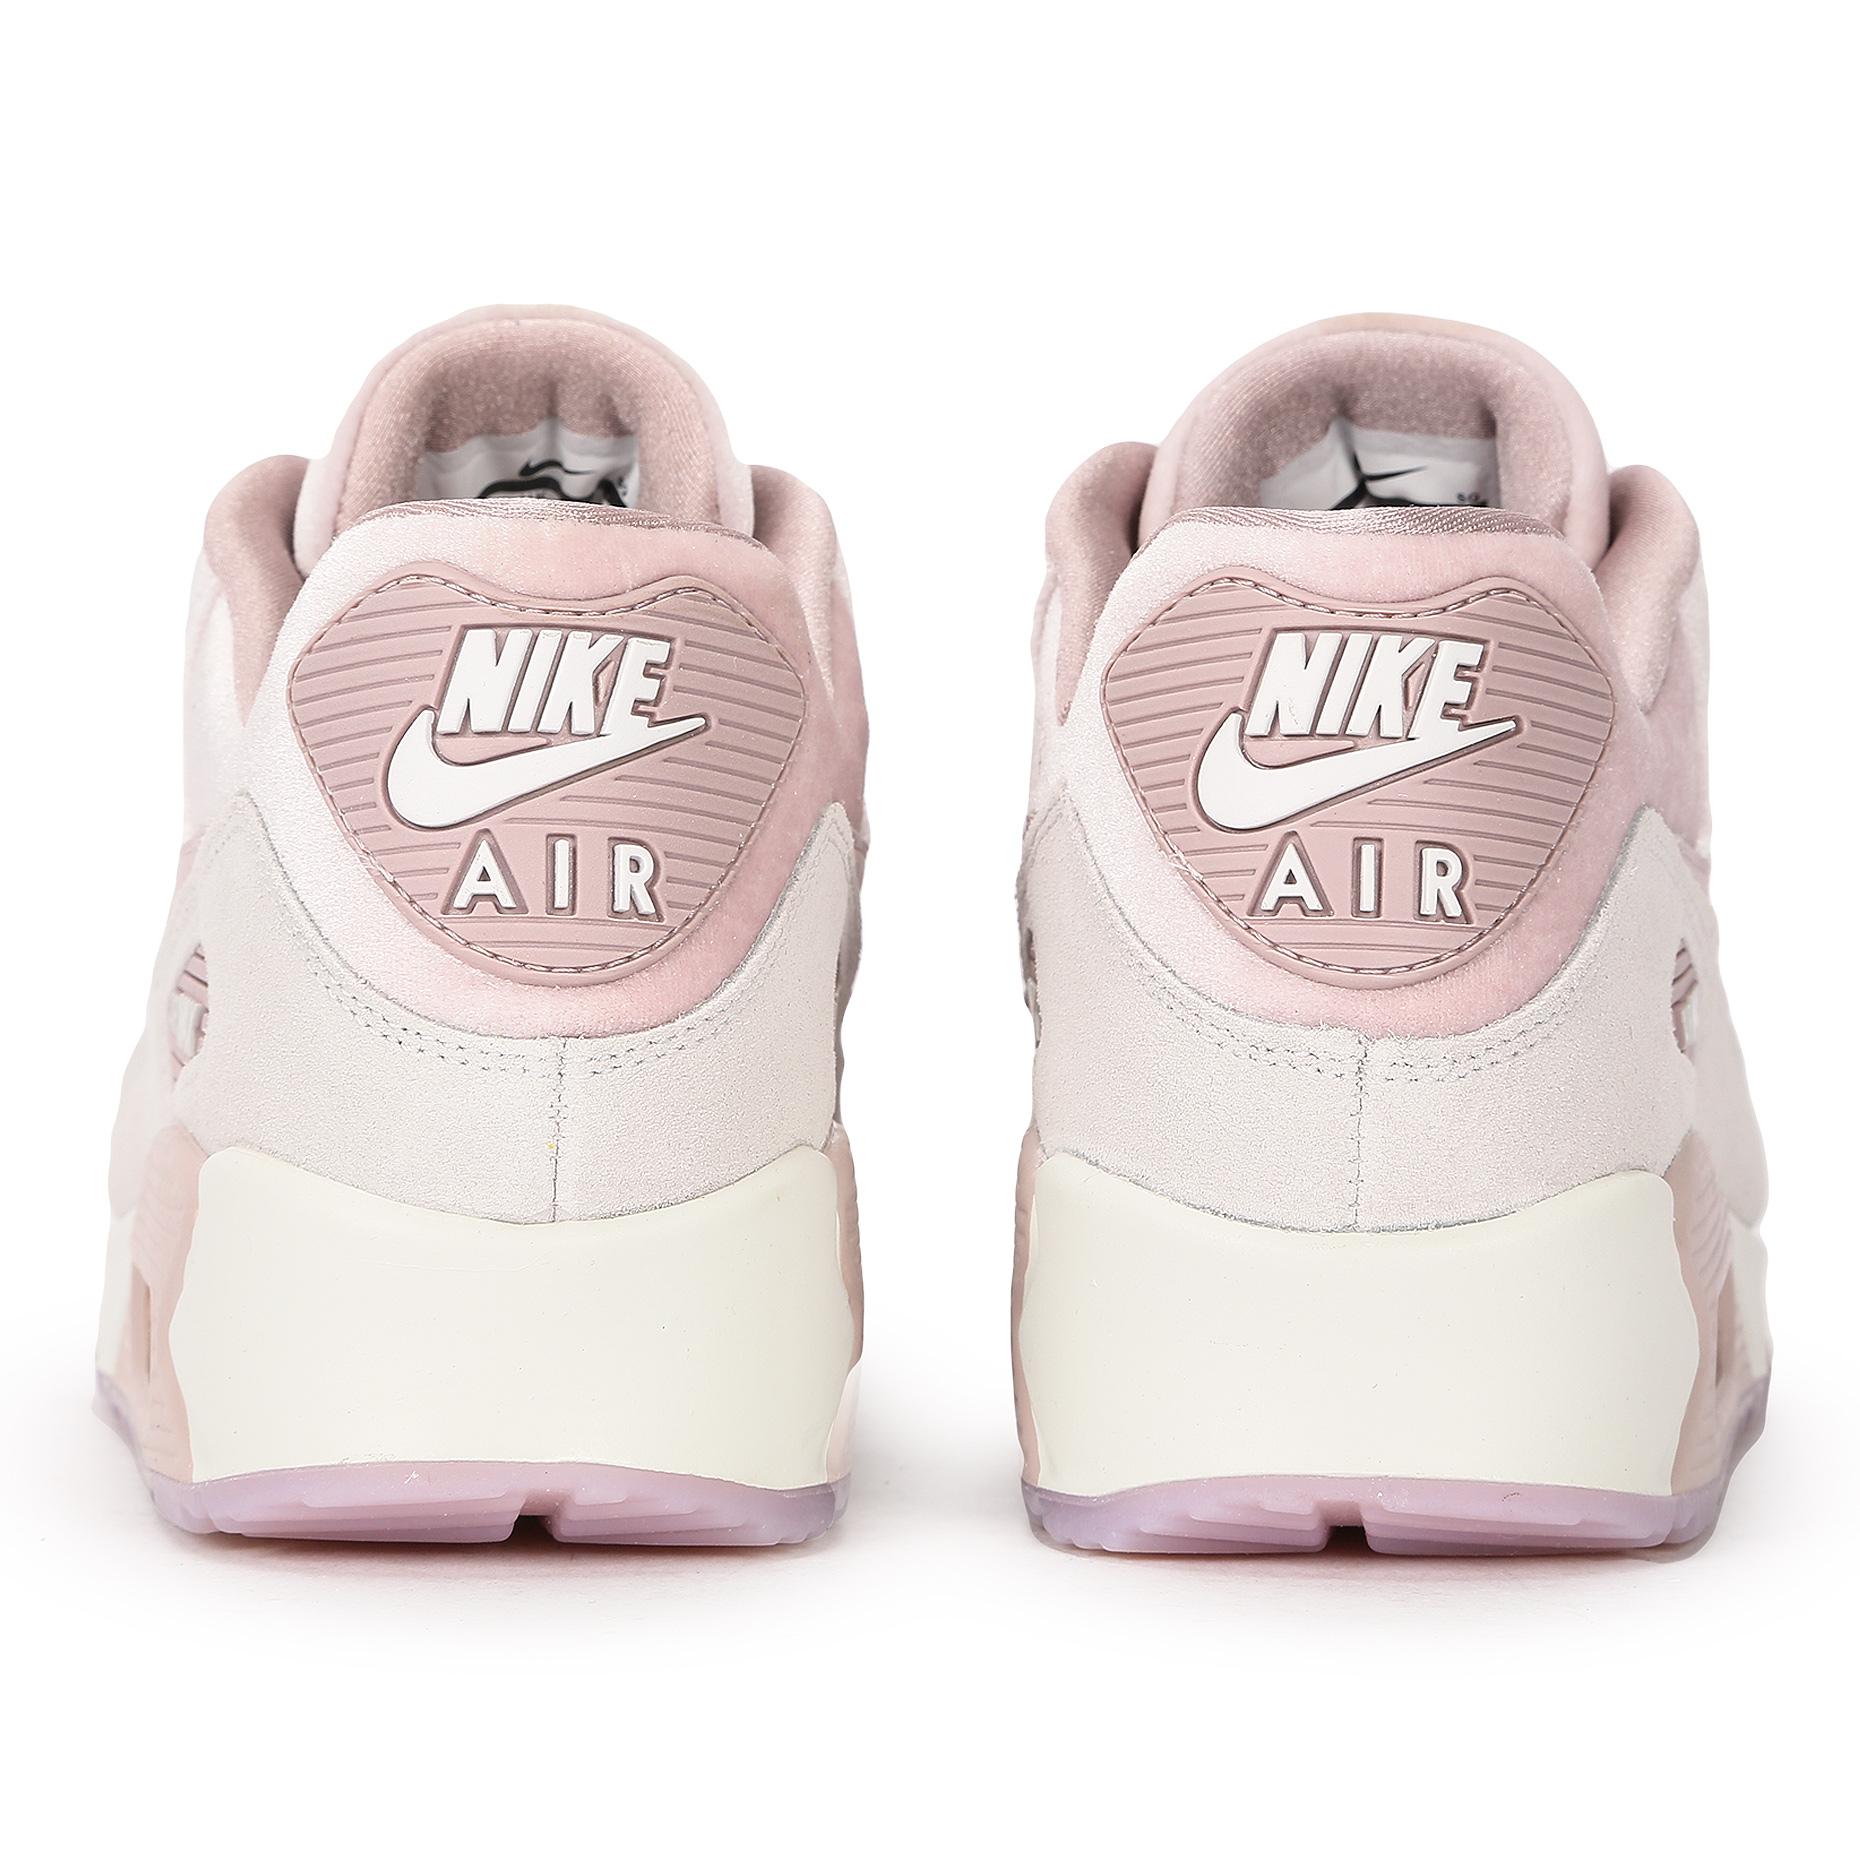 c4211e43 Кроссовки Air Max 90 от Nike (898512-600) - продажа, цена, фото ...